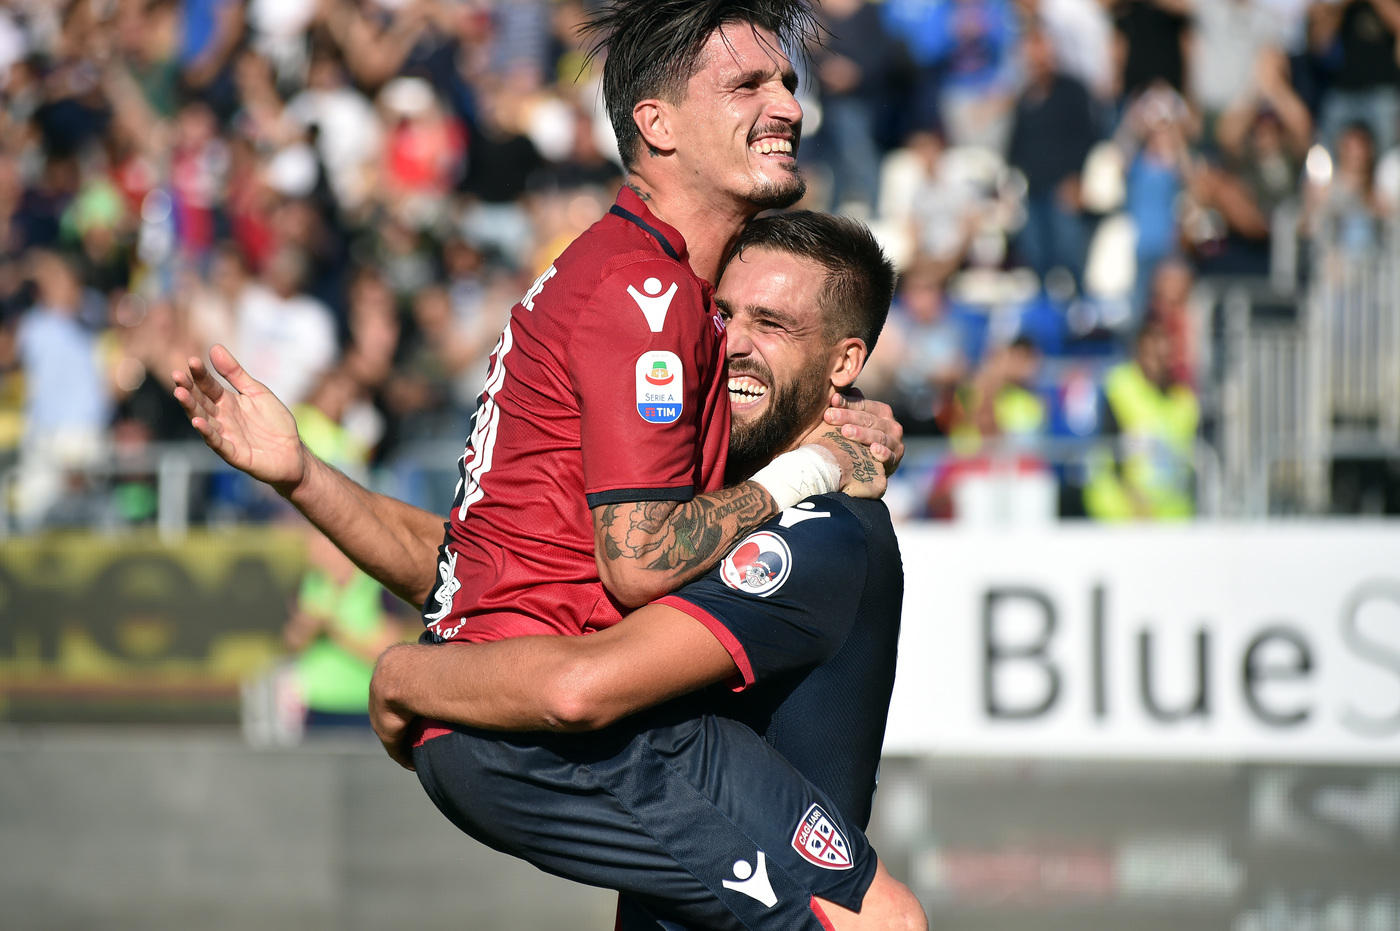 Nel secondo match dell'ottava giornata di Serie A, il Cagliari batte per 2-0 il Bologna. Successo meritato per i sardi, che passano in vantaggio al 22' con Joao Pedro e raddoppiano nel secondo tempo, al 68', con Pavoletti, di testa. Entrambe le reti ispirate da Castro, migliore in campo, che propizia anche altre occasioni da gol. Cagliari che sale a 9 punti superando il Bologna, che resta a quota 7 e ancora ko in trasferta.  <br /><br />